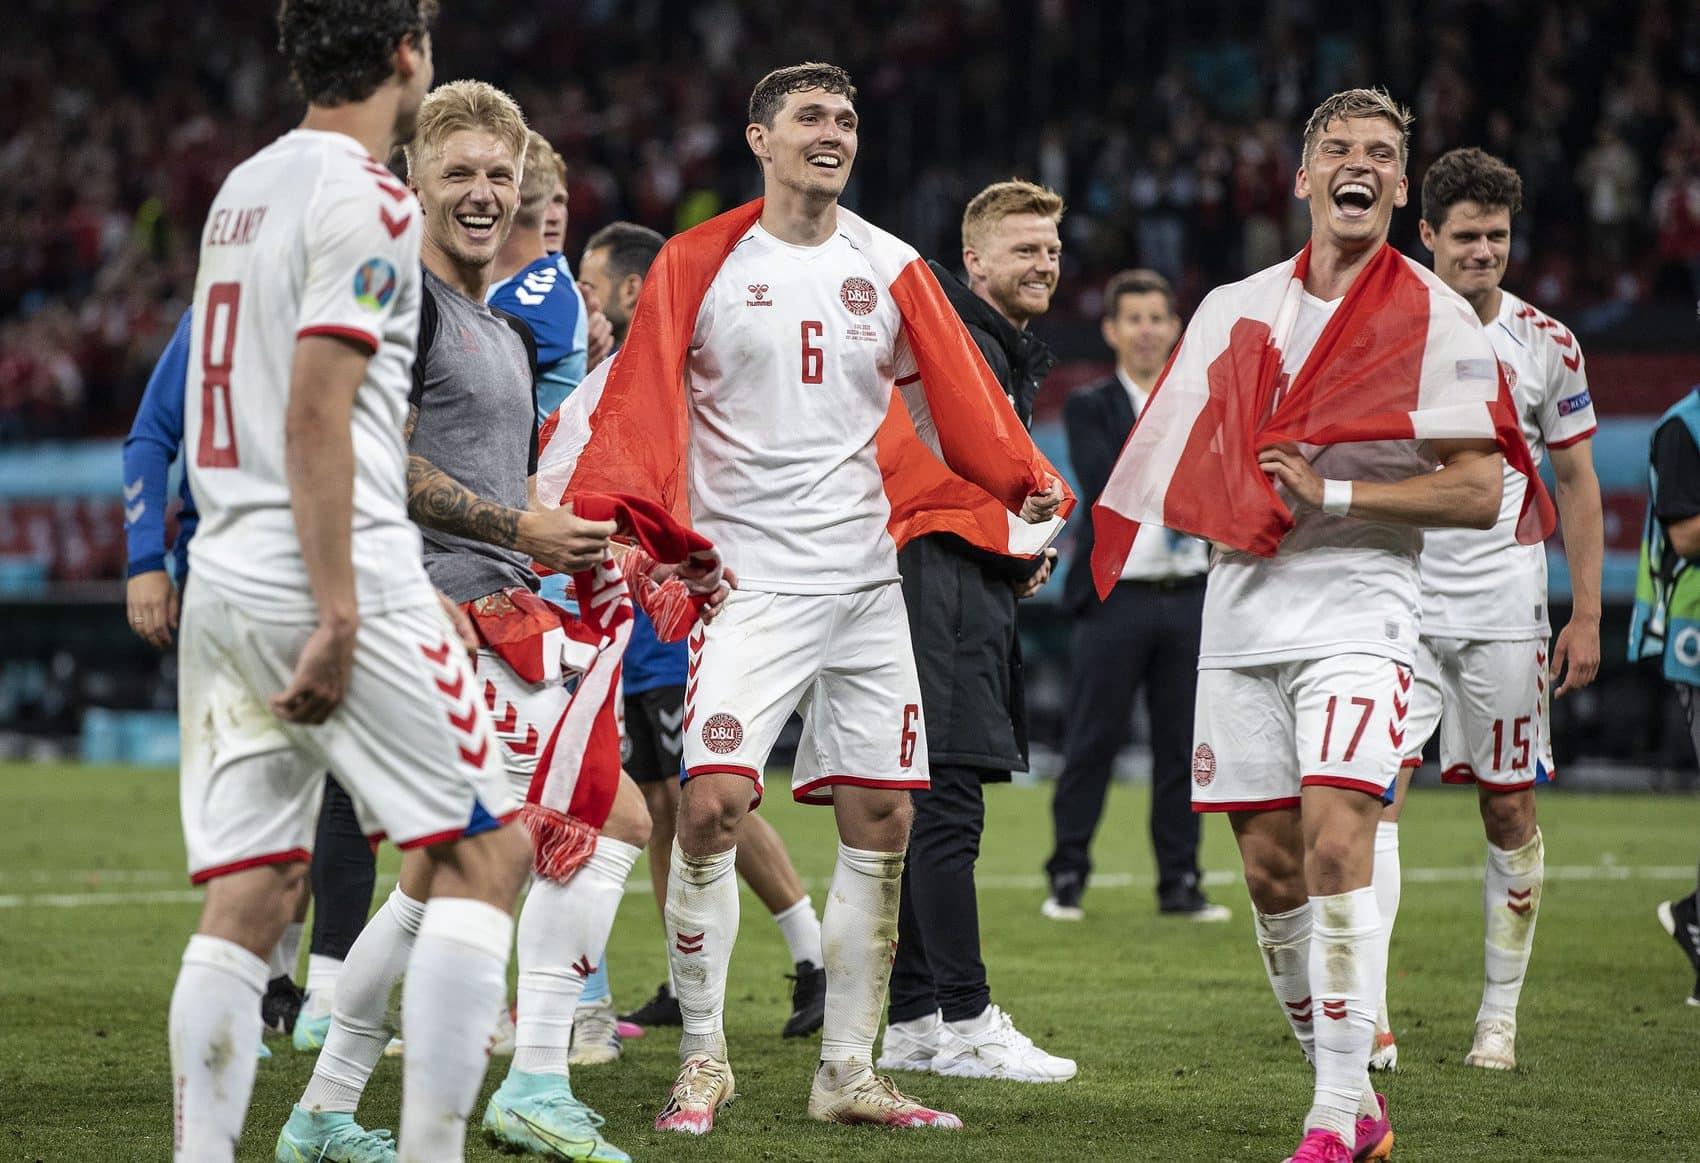 Andreas Christensen national team celebrating